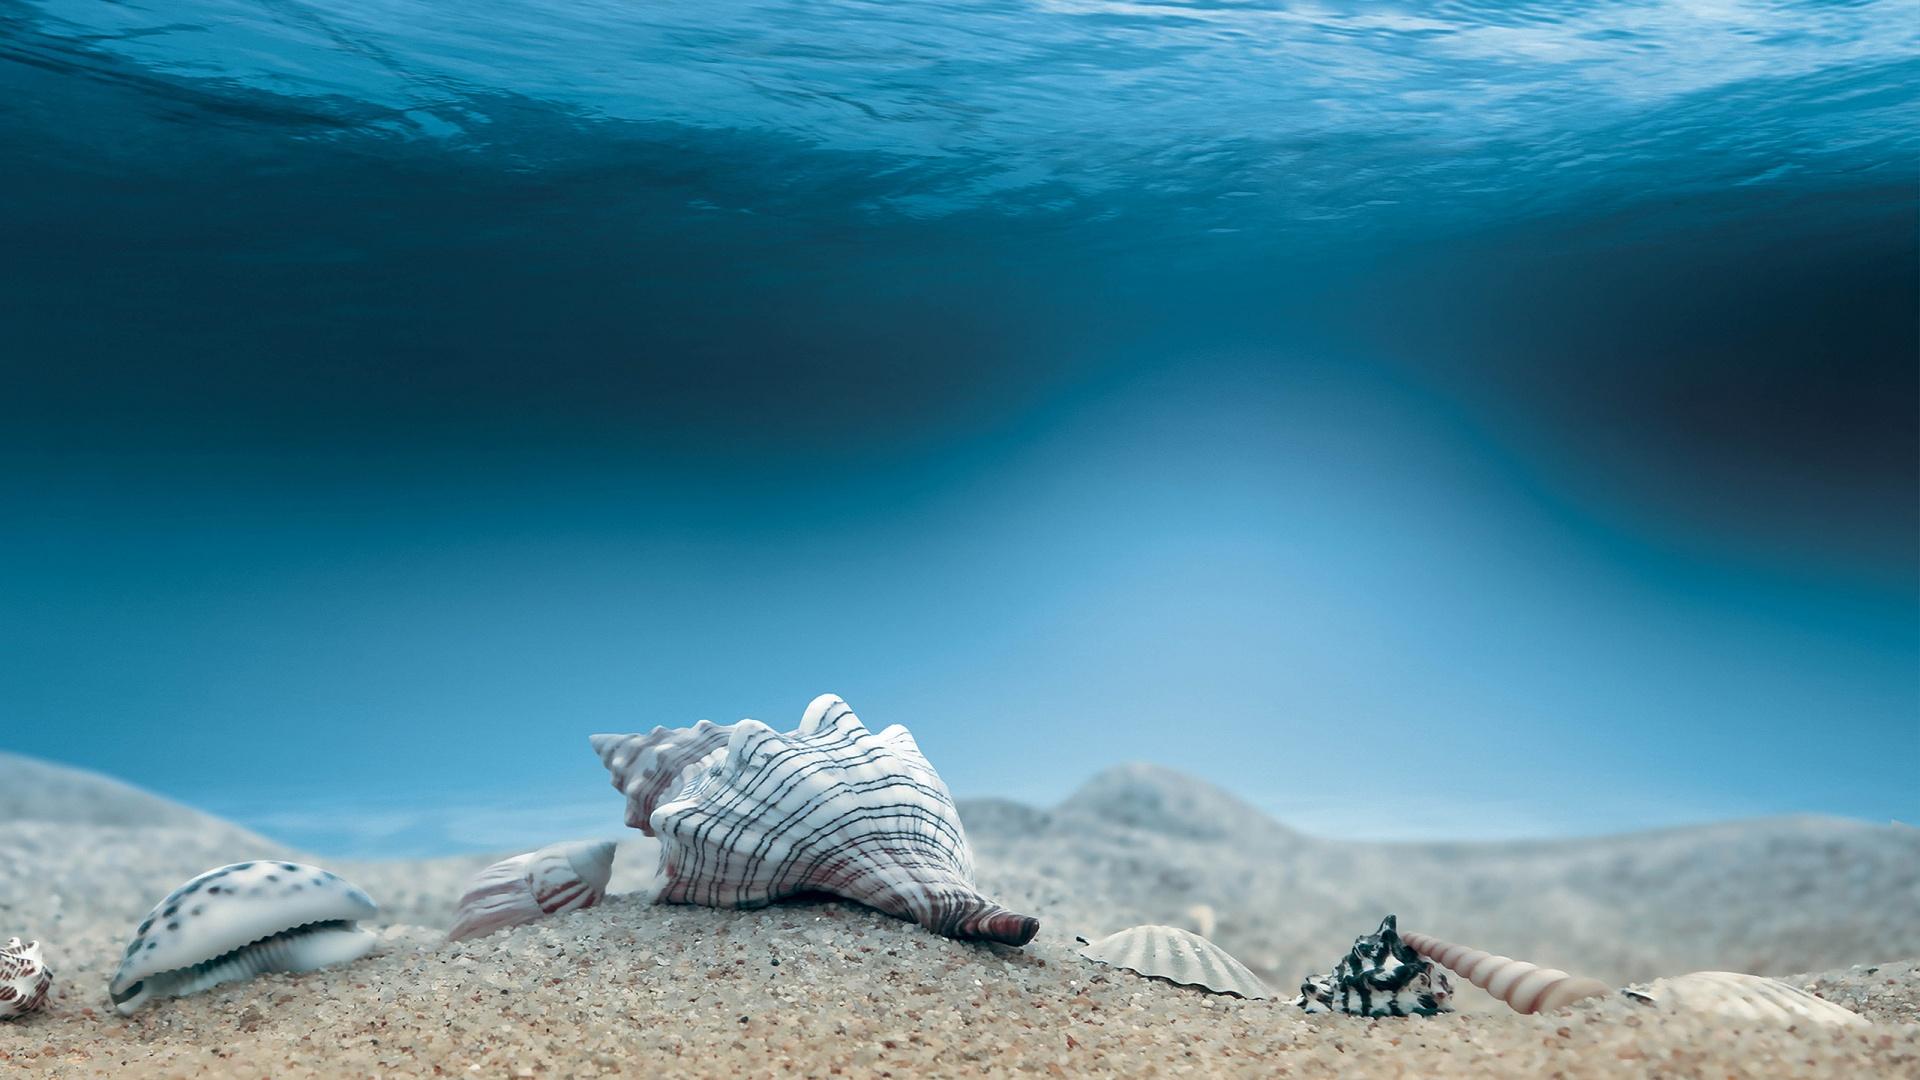 Cg digital art ocean sea water underwater shells sand ...